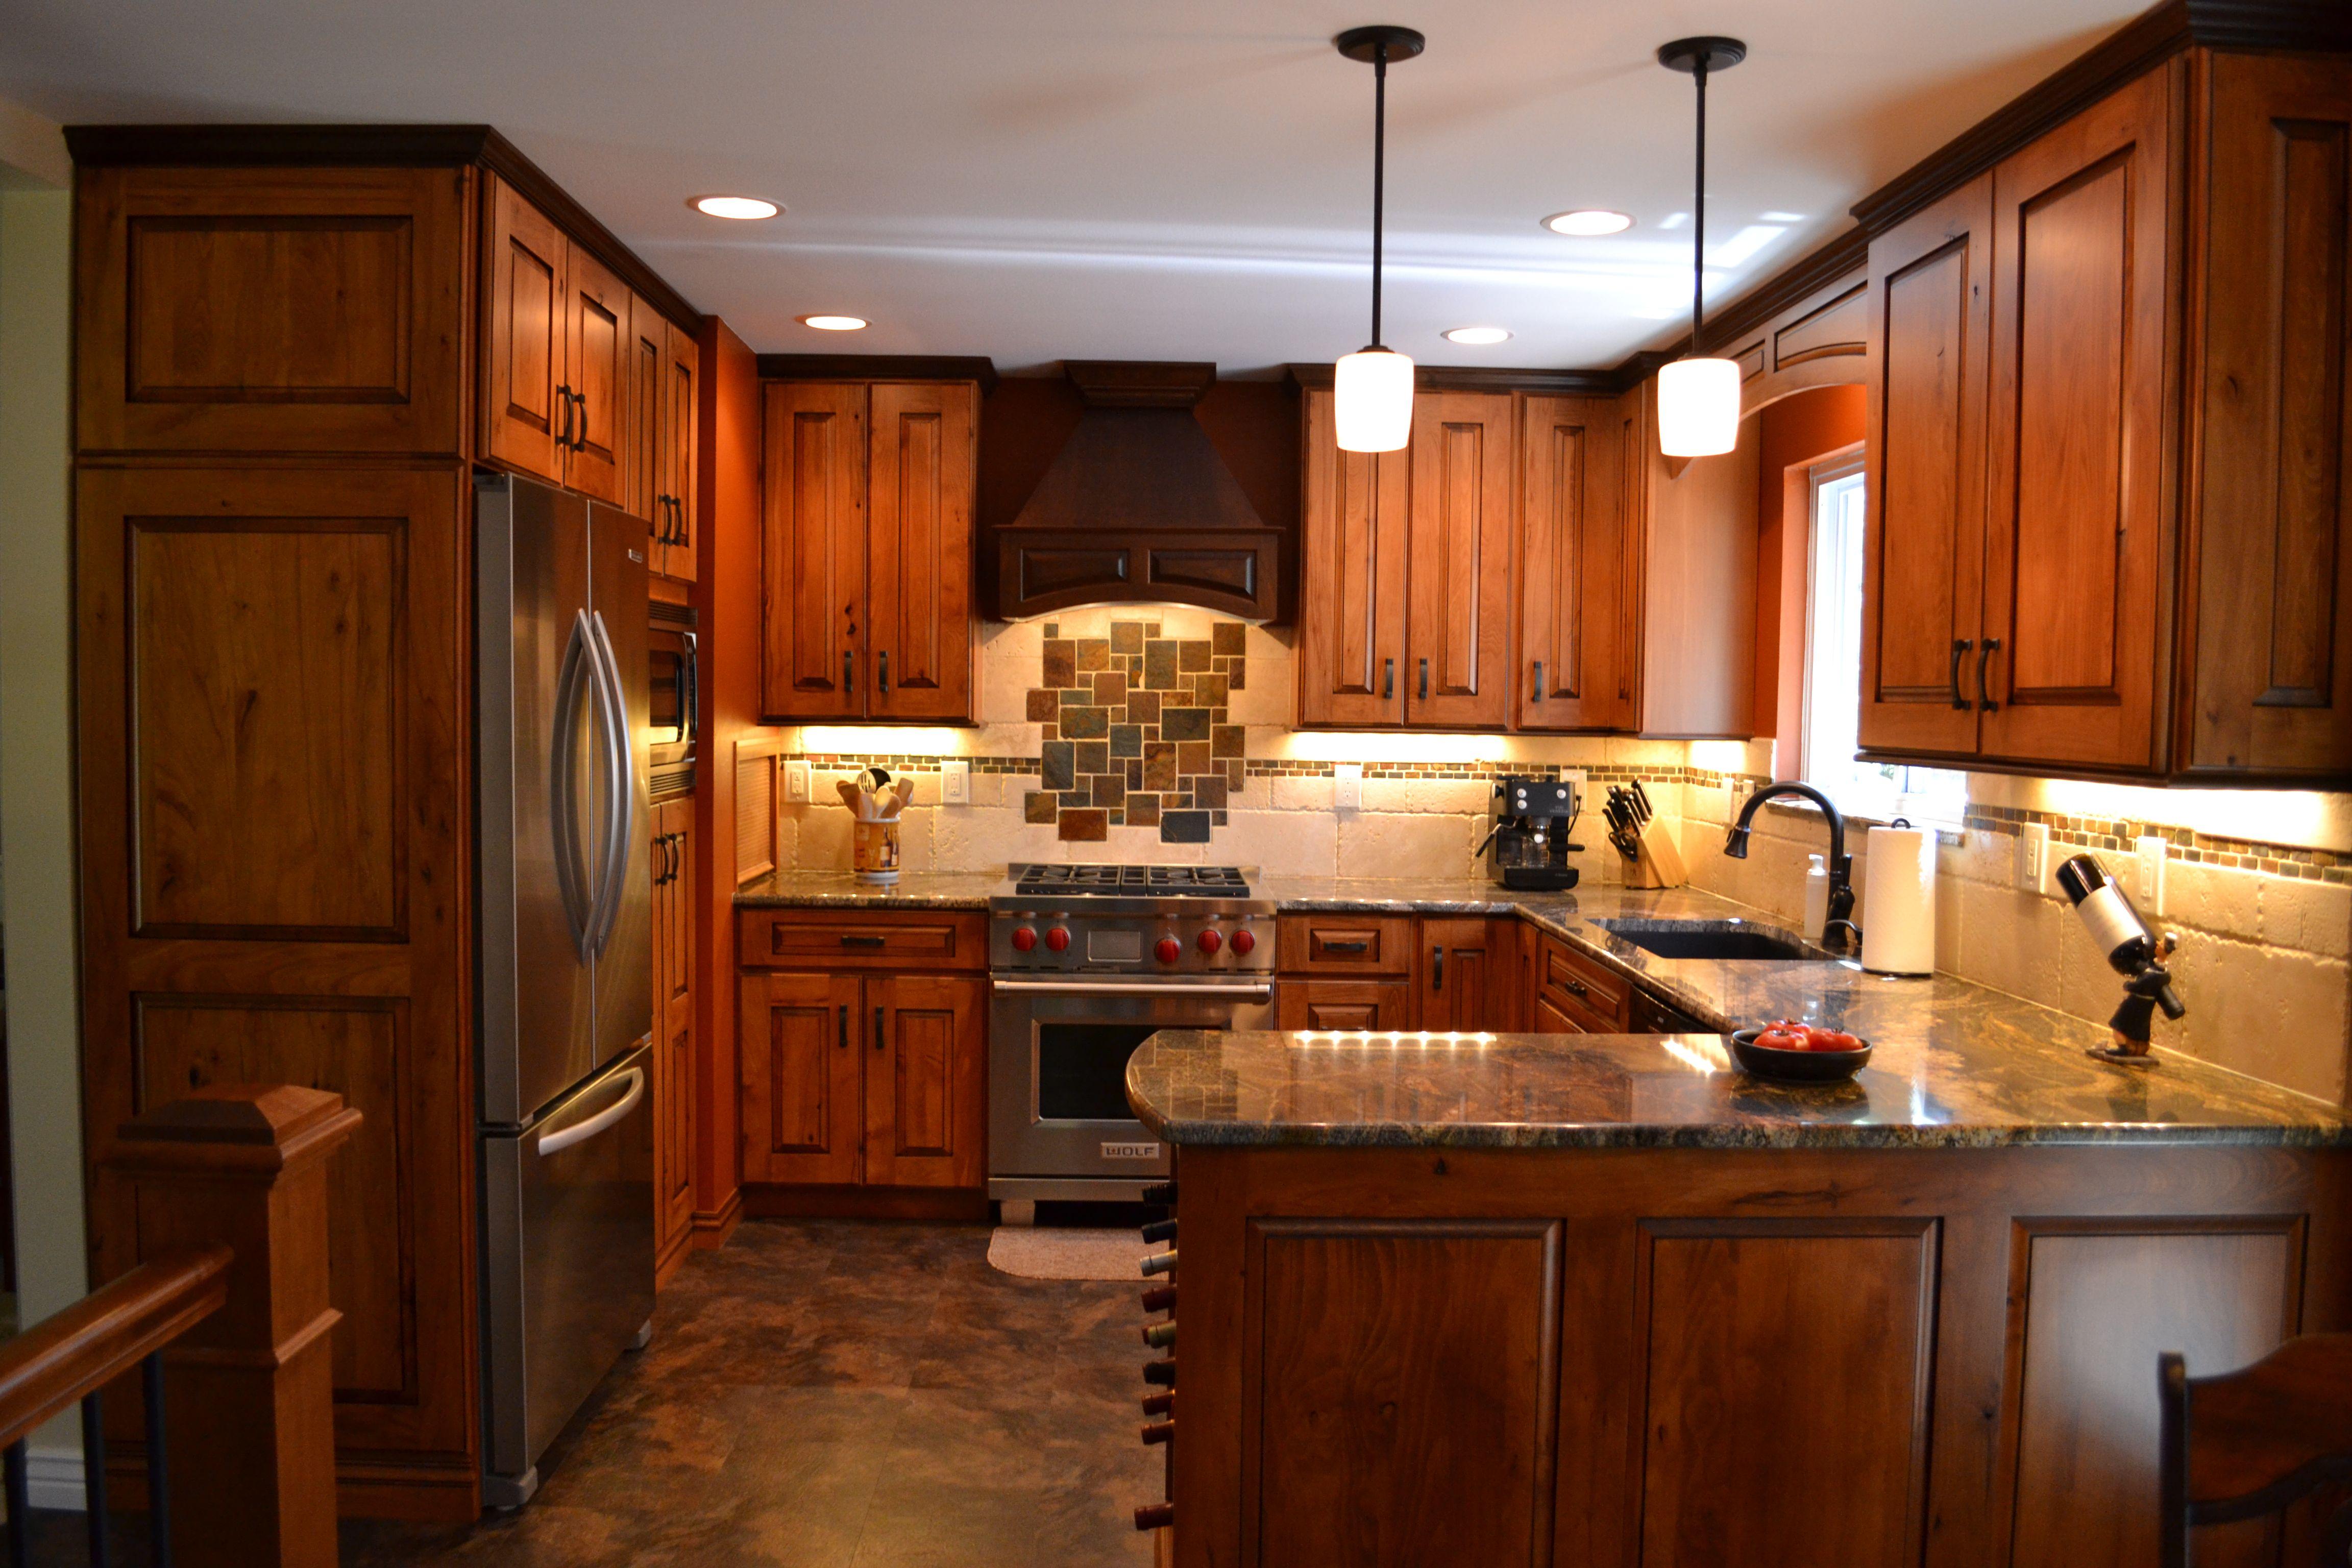 small u shaped kitchen small kitchen layouts kitchen layout kitchen remodel small on u kitchen ideas small id=90437